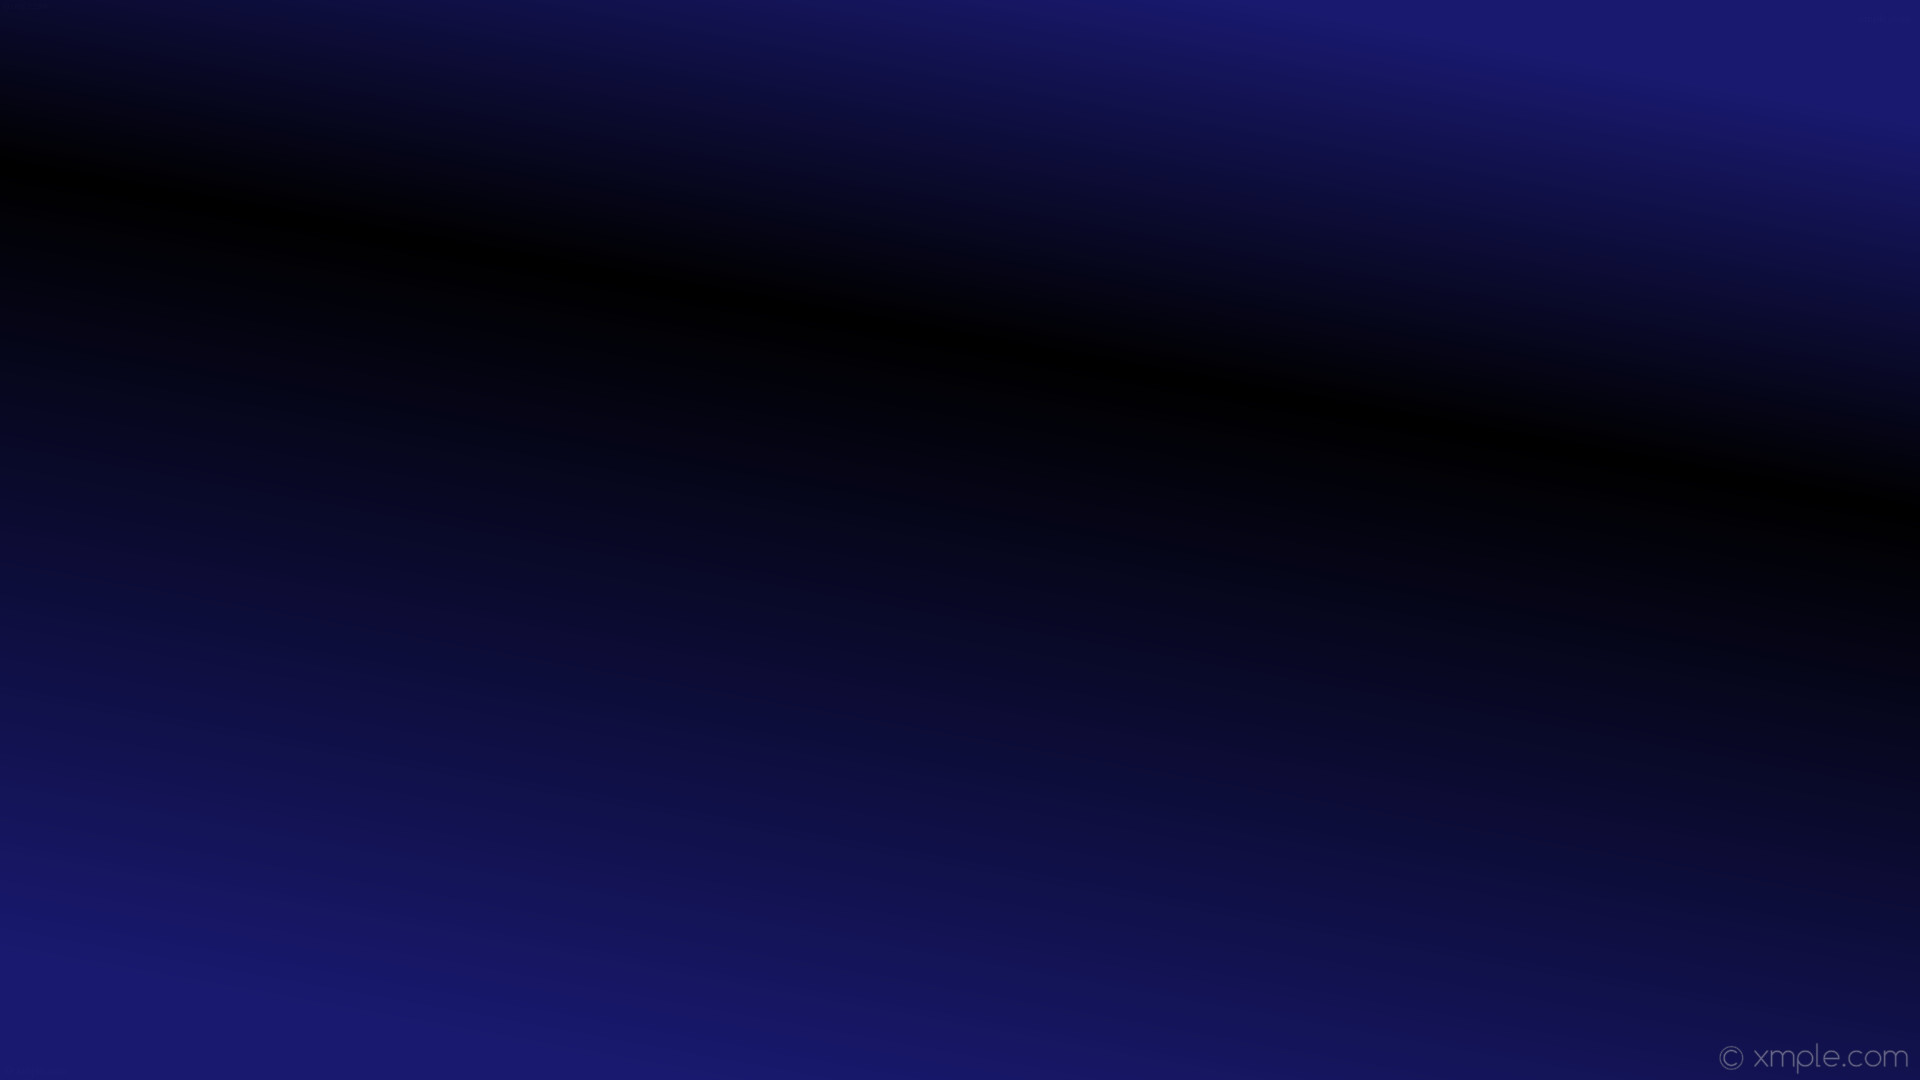 wallpaper black blue gradient linear highlight midnight blue #191970  #000000 240° 67%